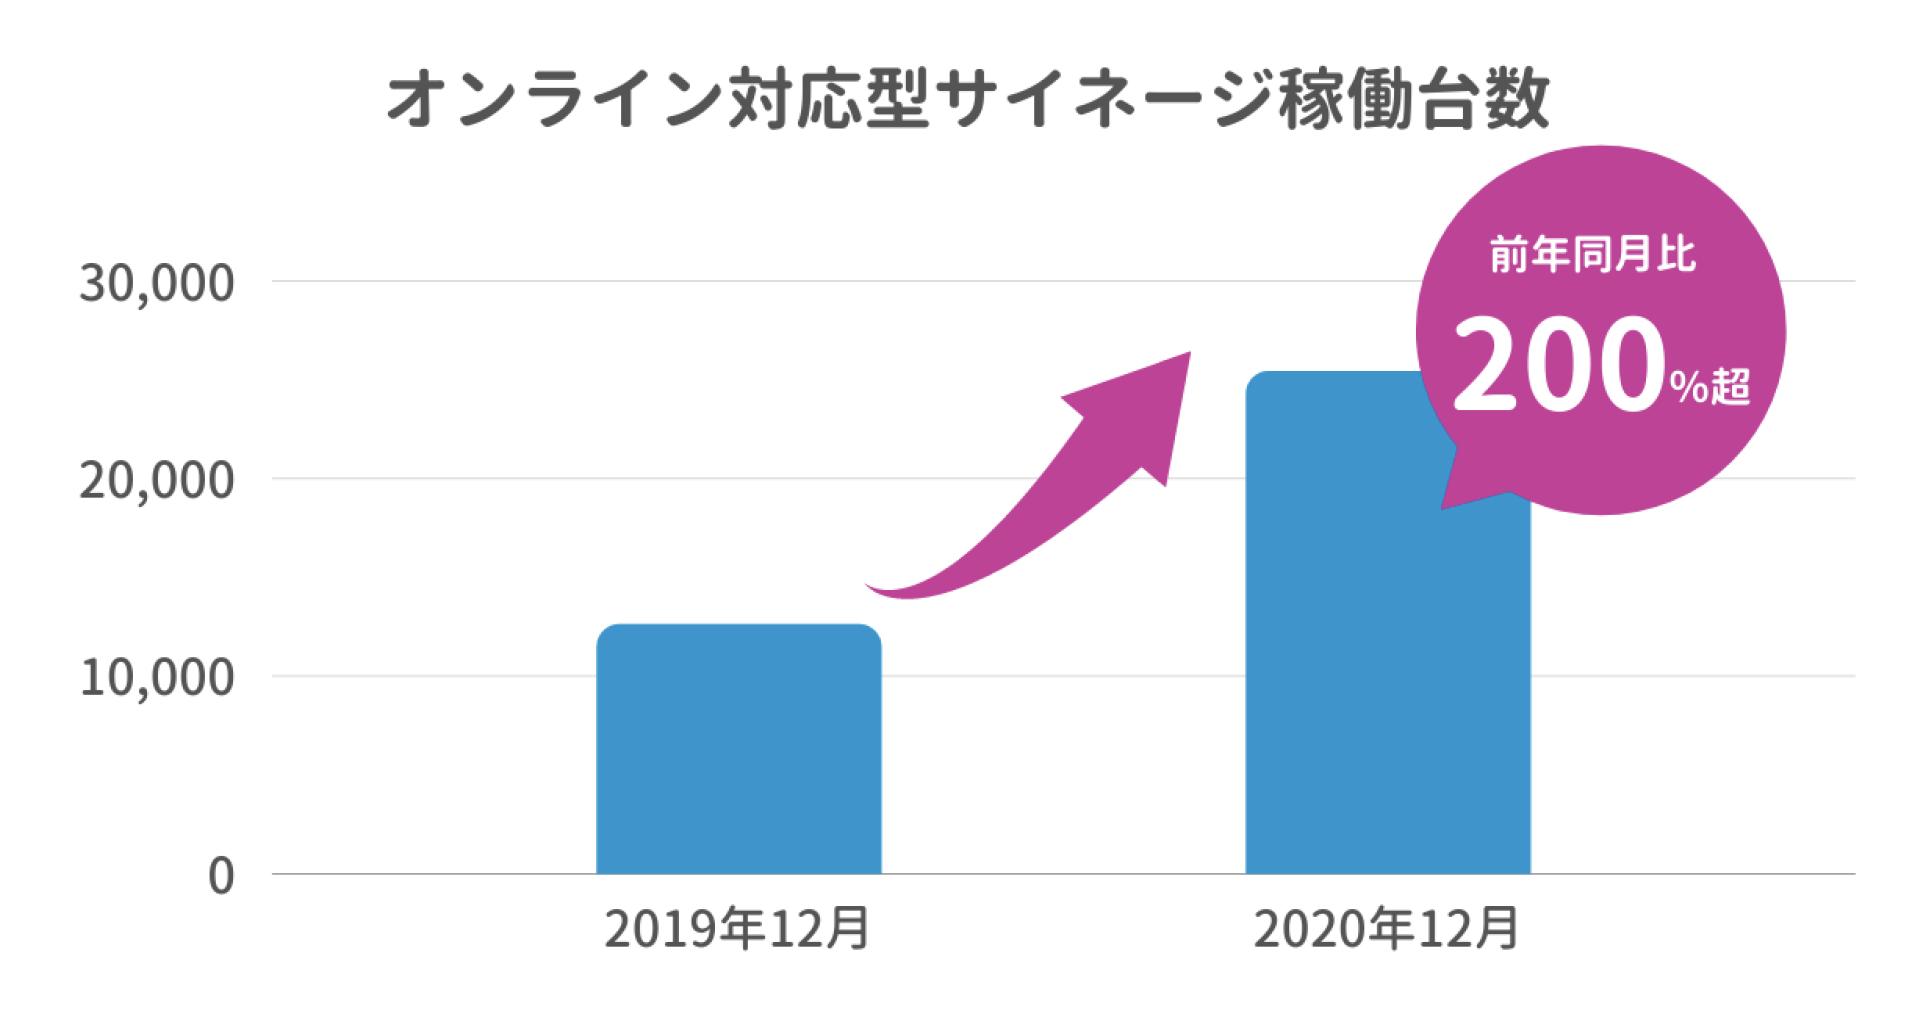 オンライン対応サイネージ稼働台数  前年同月比200%越え